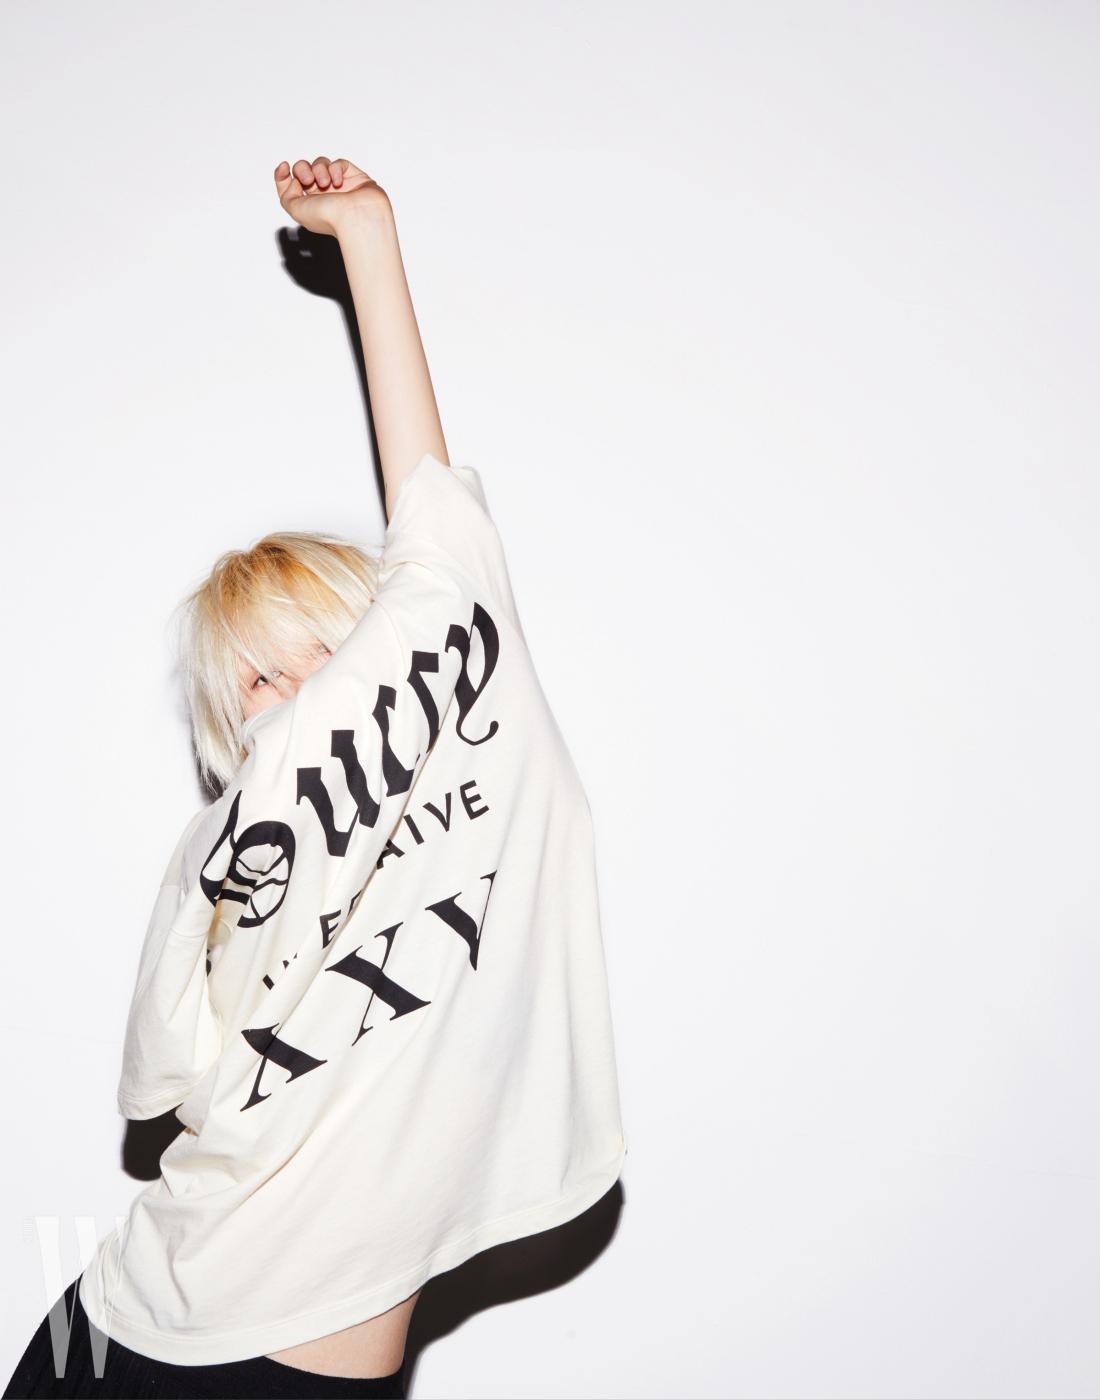 클래식한 타이포가 특징인 티셔츠는 구찌 제품. 73만원.